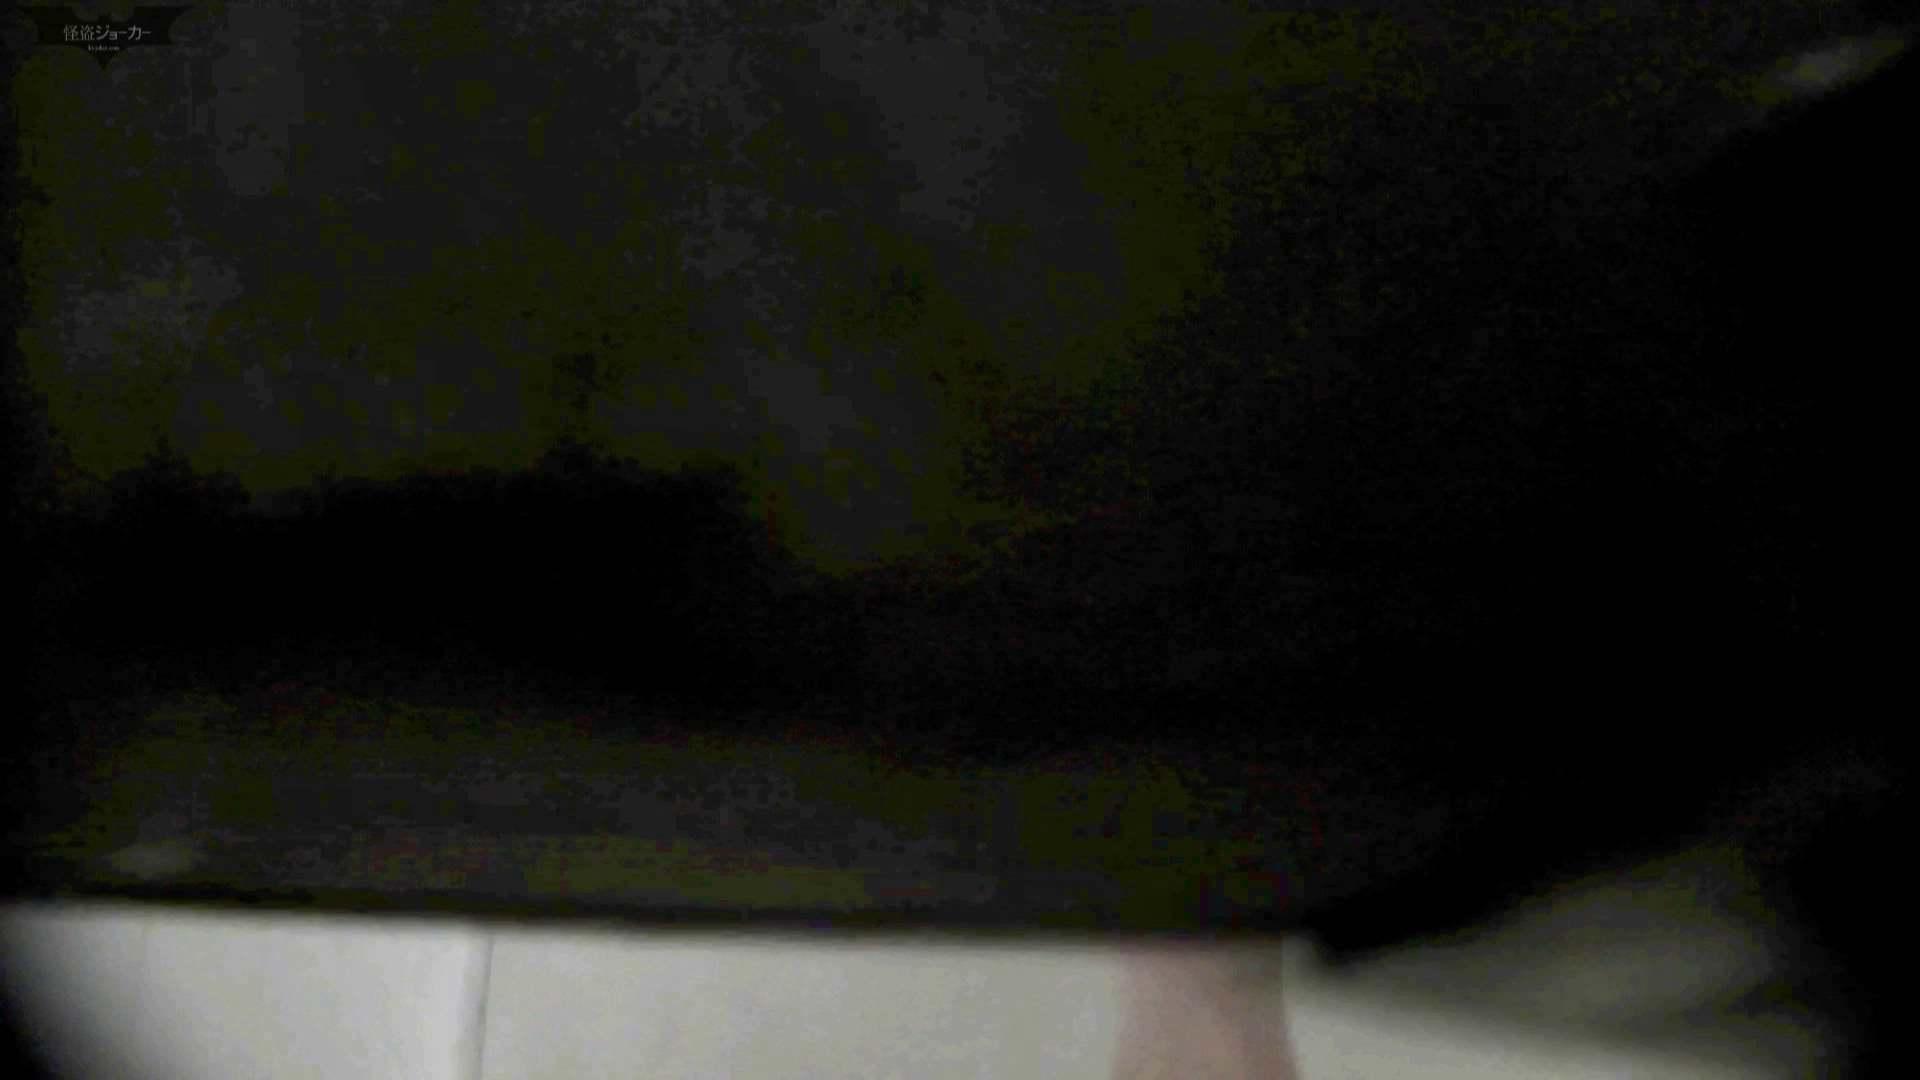 トイレ盗撮|洗面所特攻隊 vol.72 番外編 「最後の女性」の特集 番外編|怪盗ジョーカー